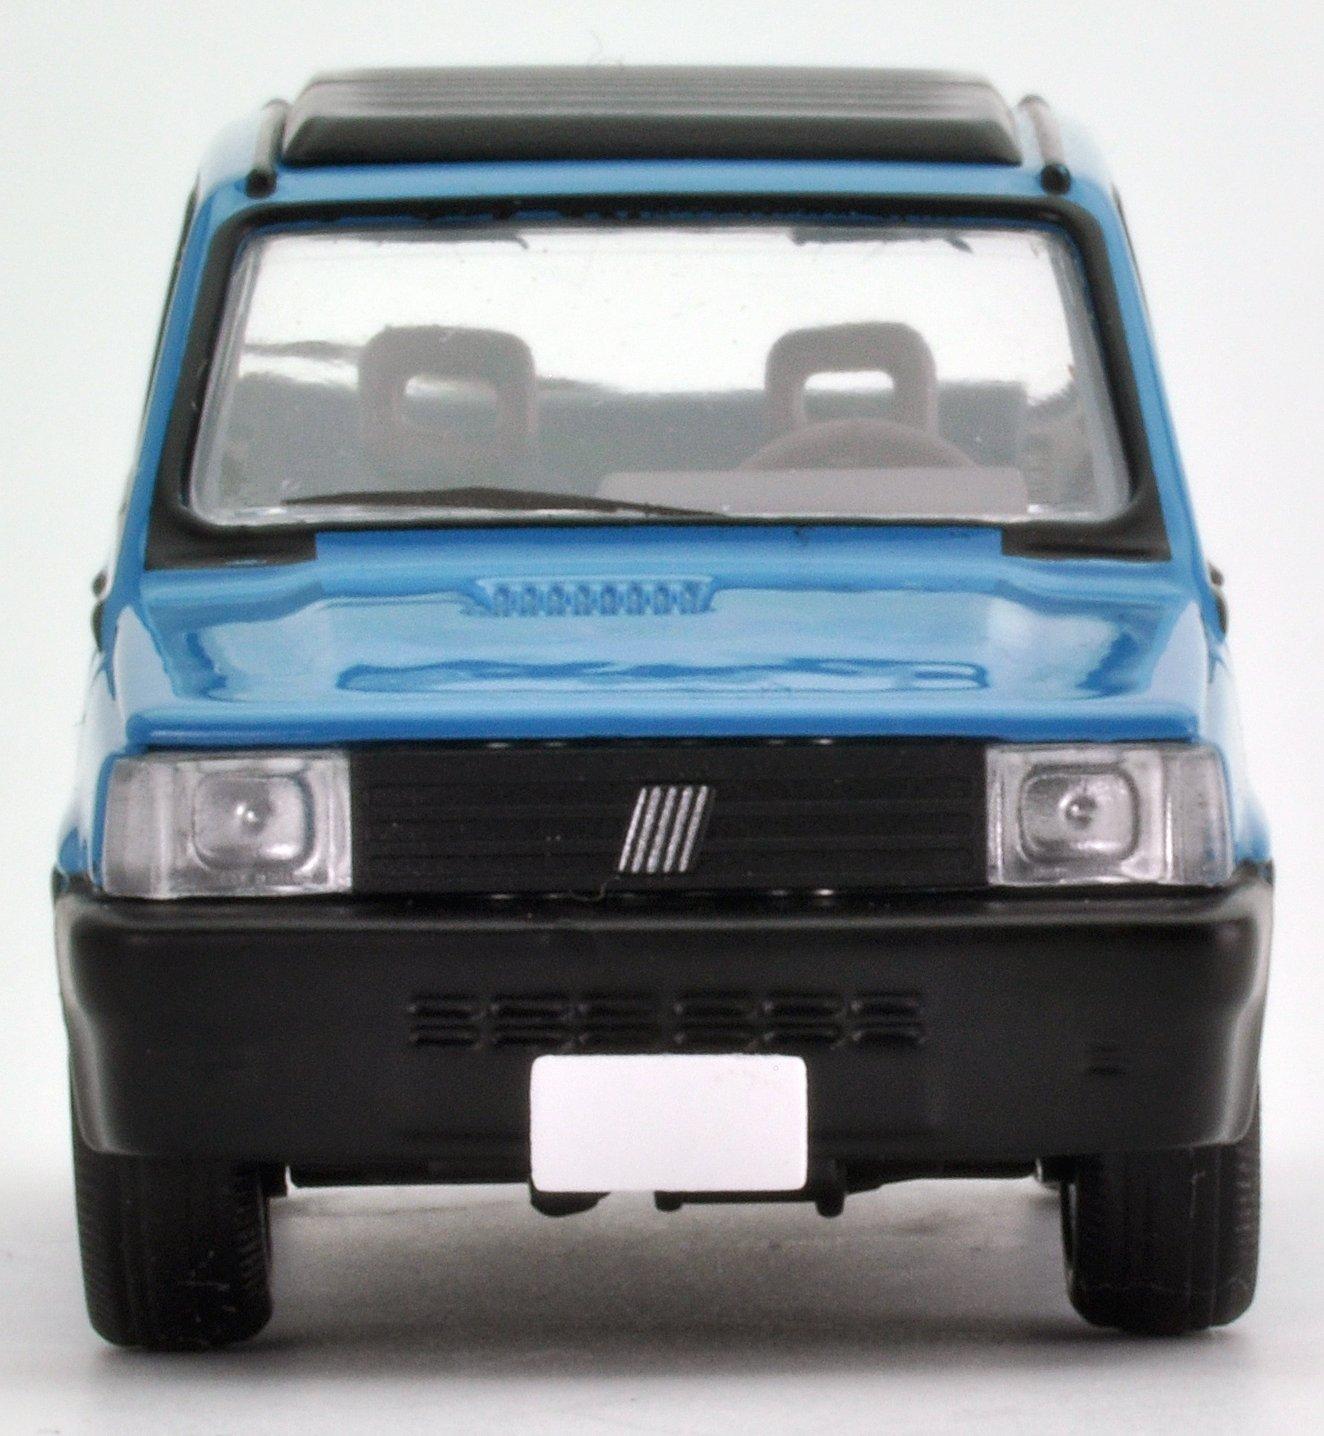 トミカリミテッドヴィンテージ ネオ 1/64 LV-N131a フィアット パンダ CLX